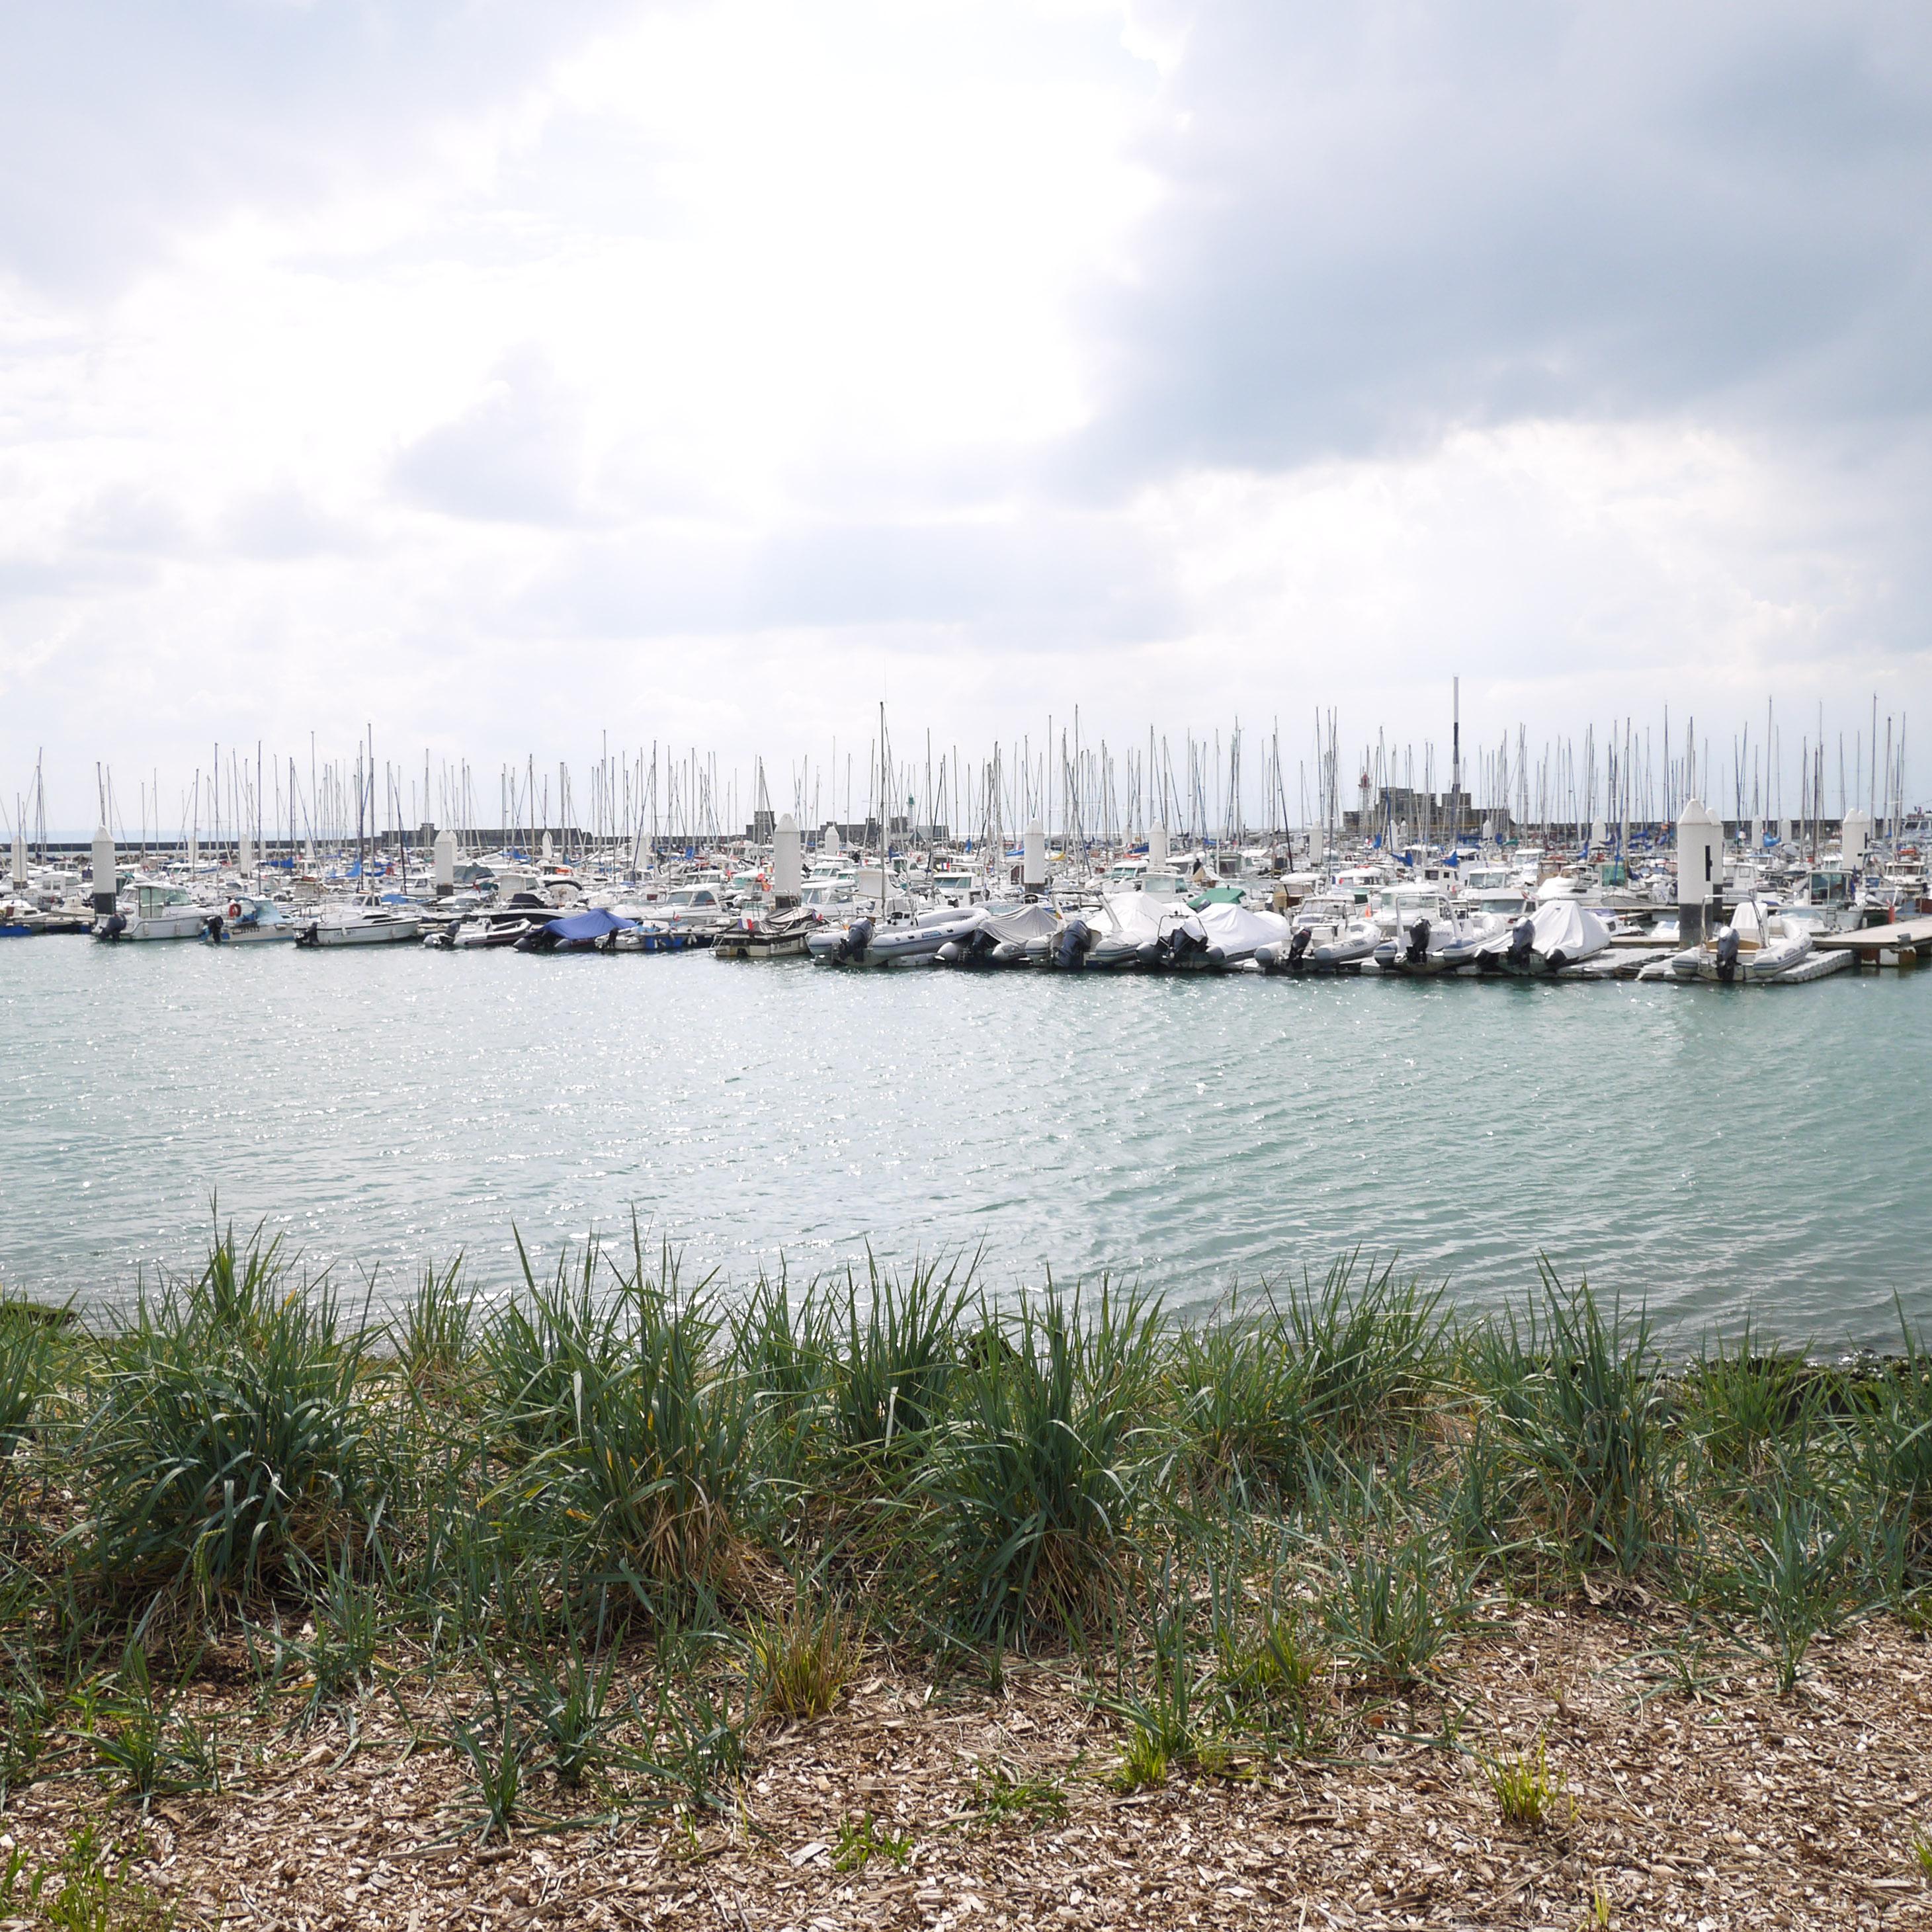 Le_Havre (33 sur 83)